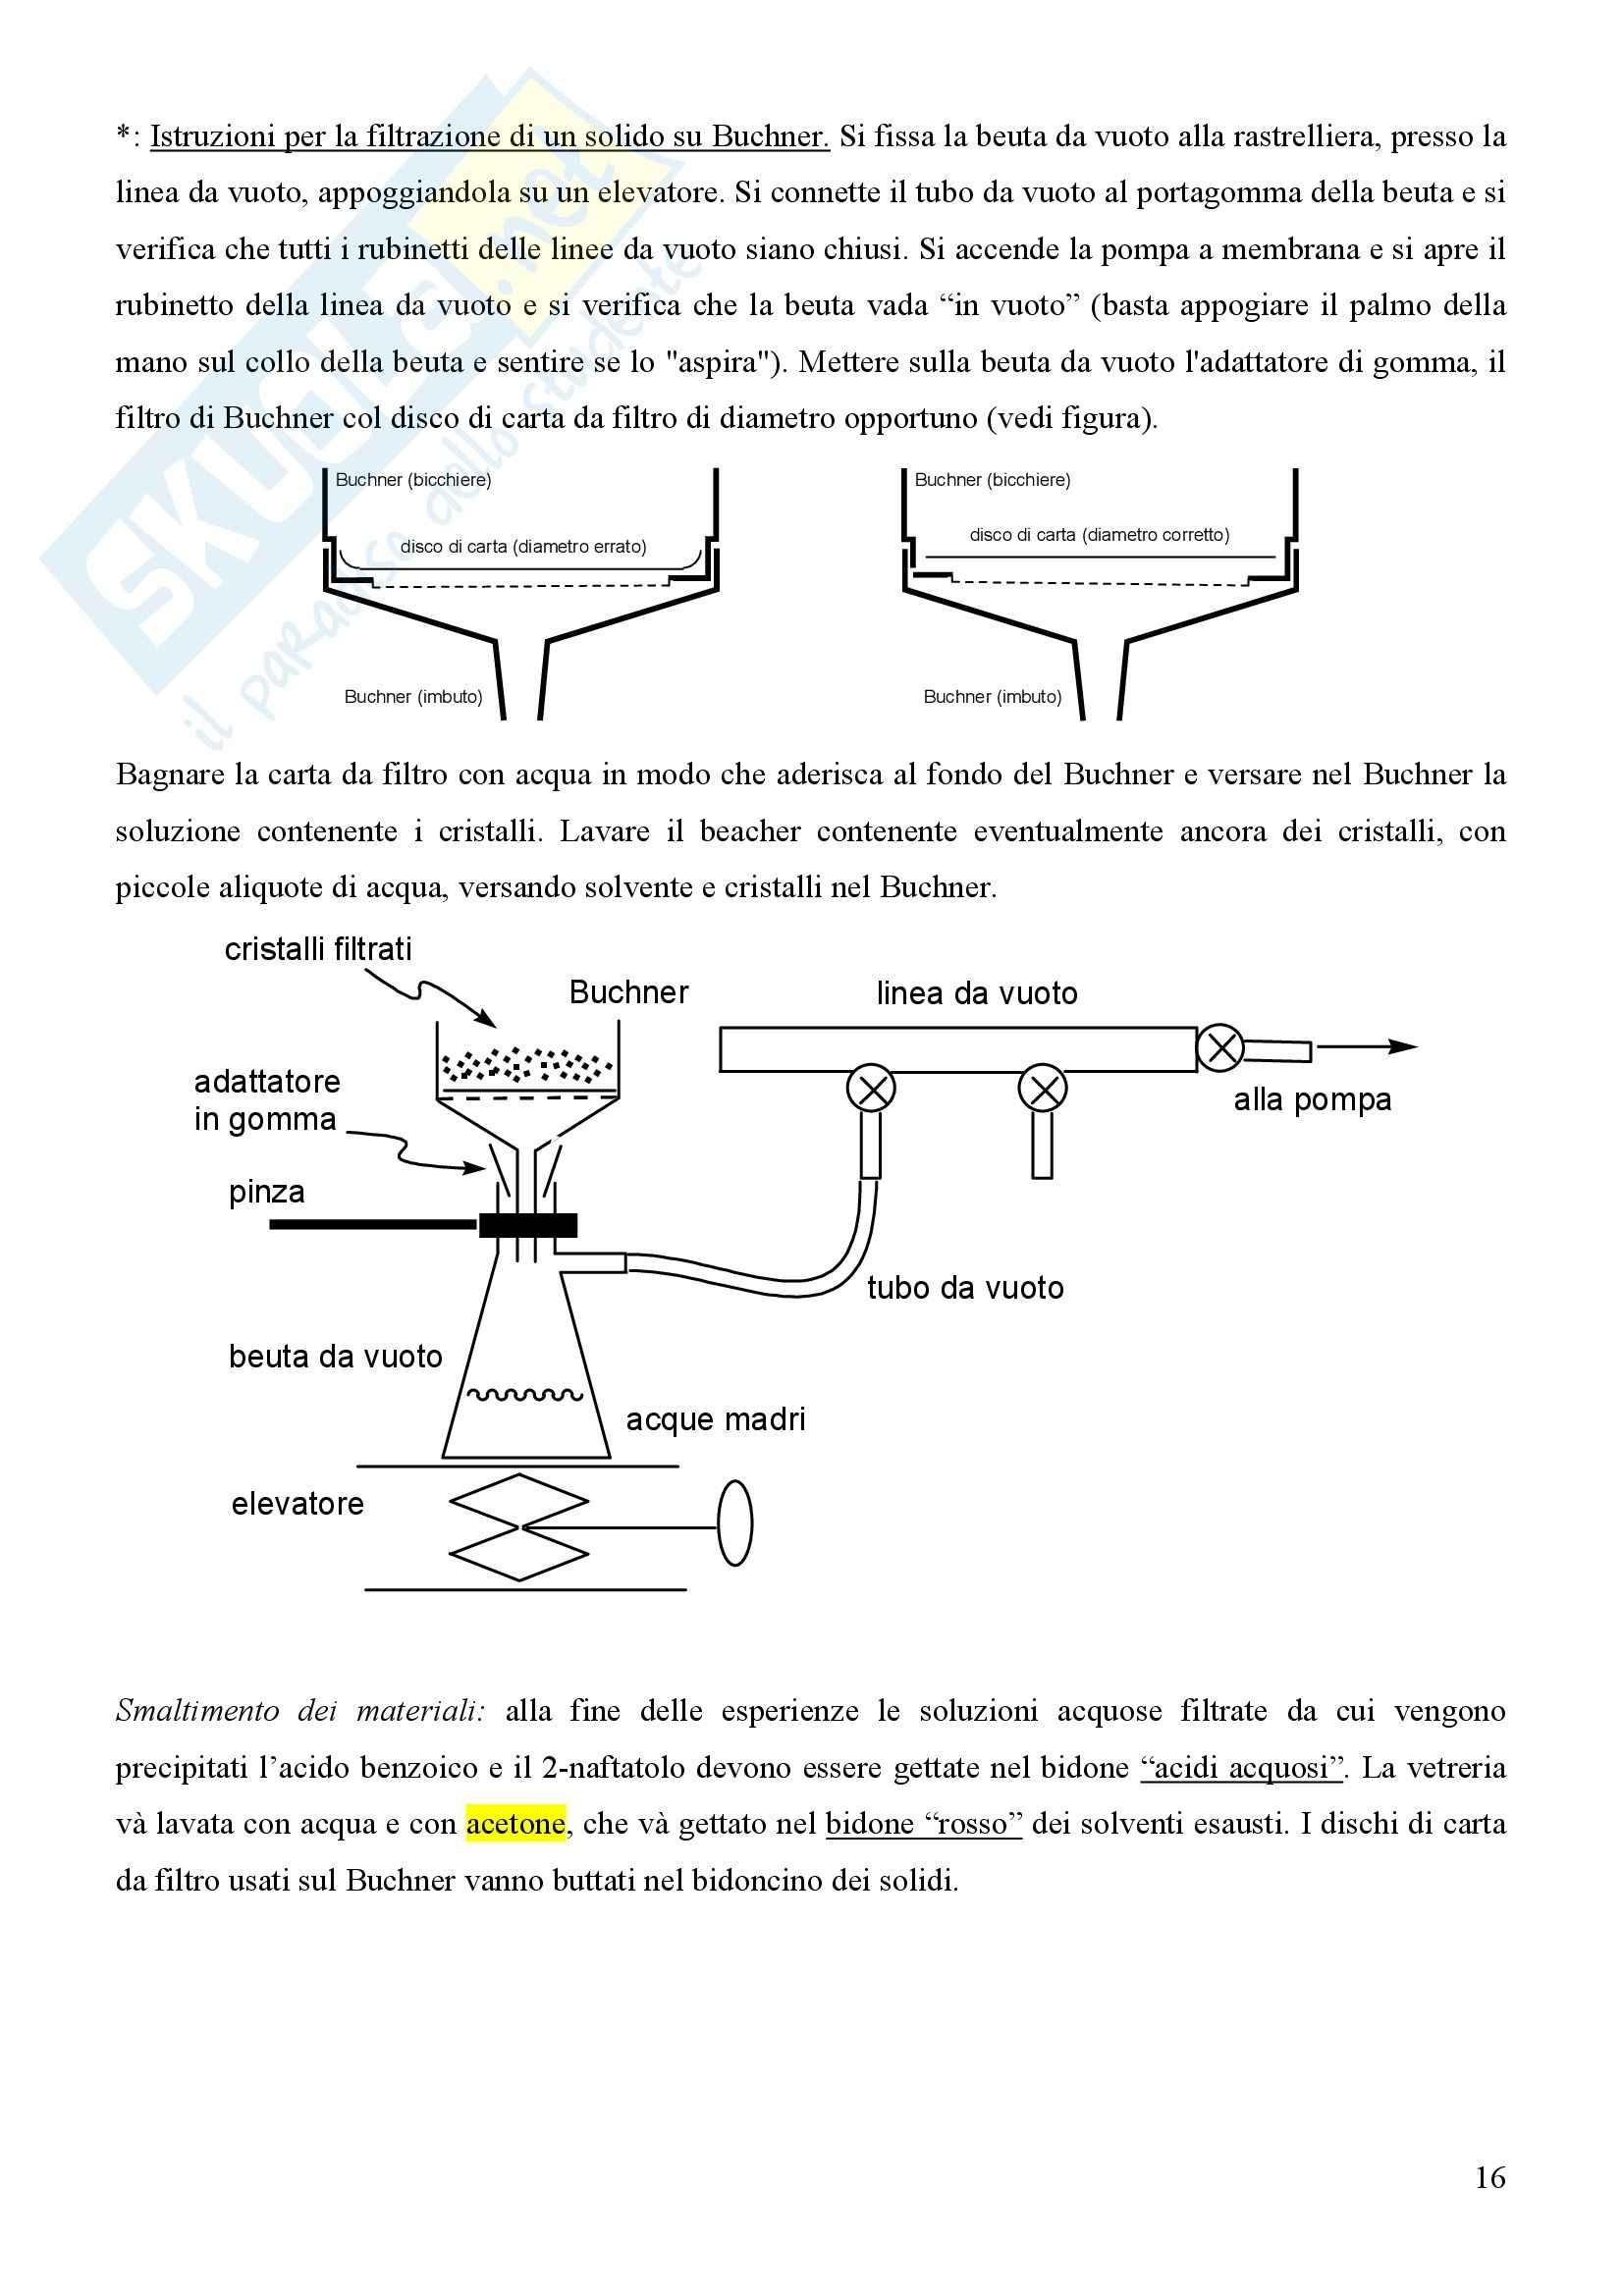 Laboratorio di estrazione e sintesi dei farmaci - Appunti Pag. 16